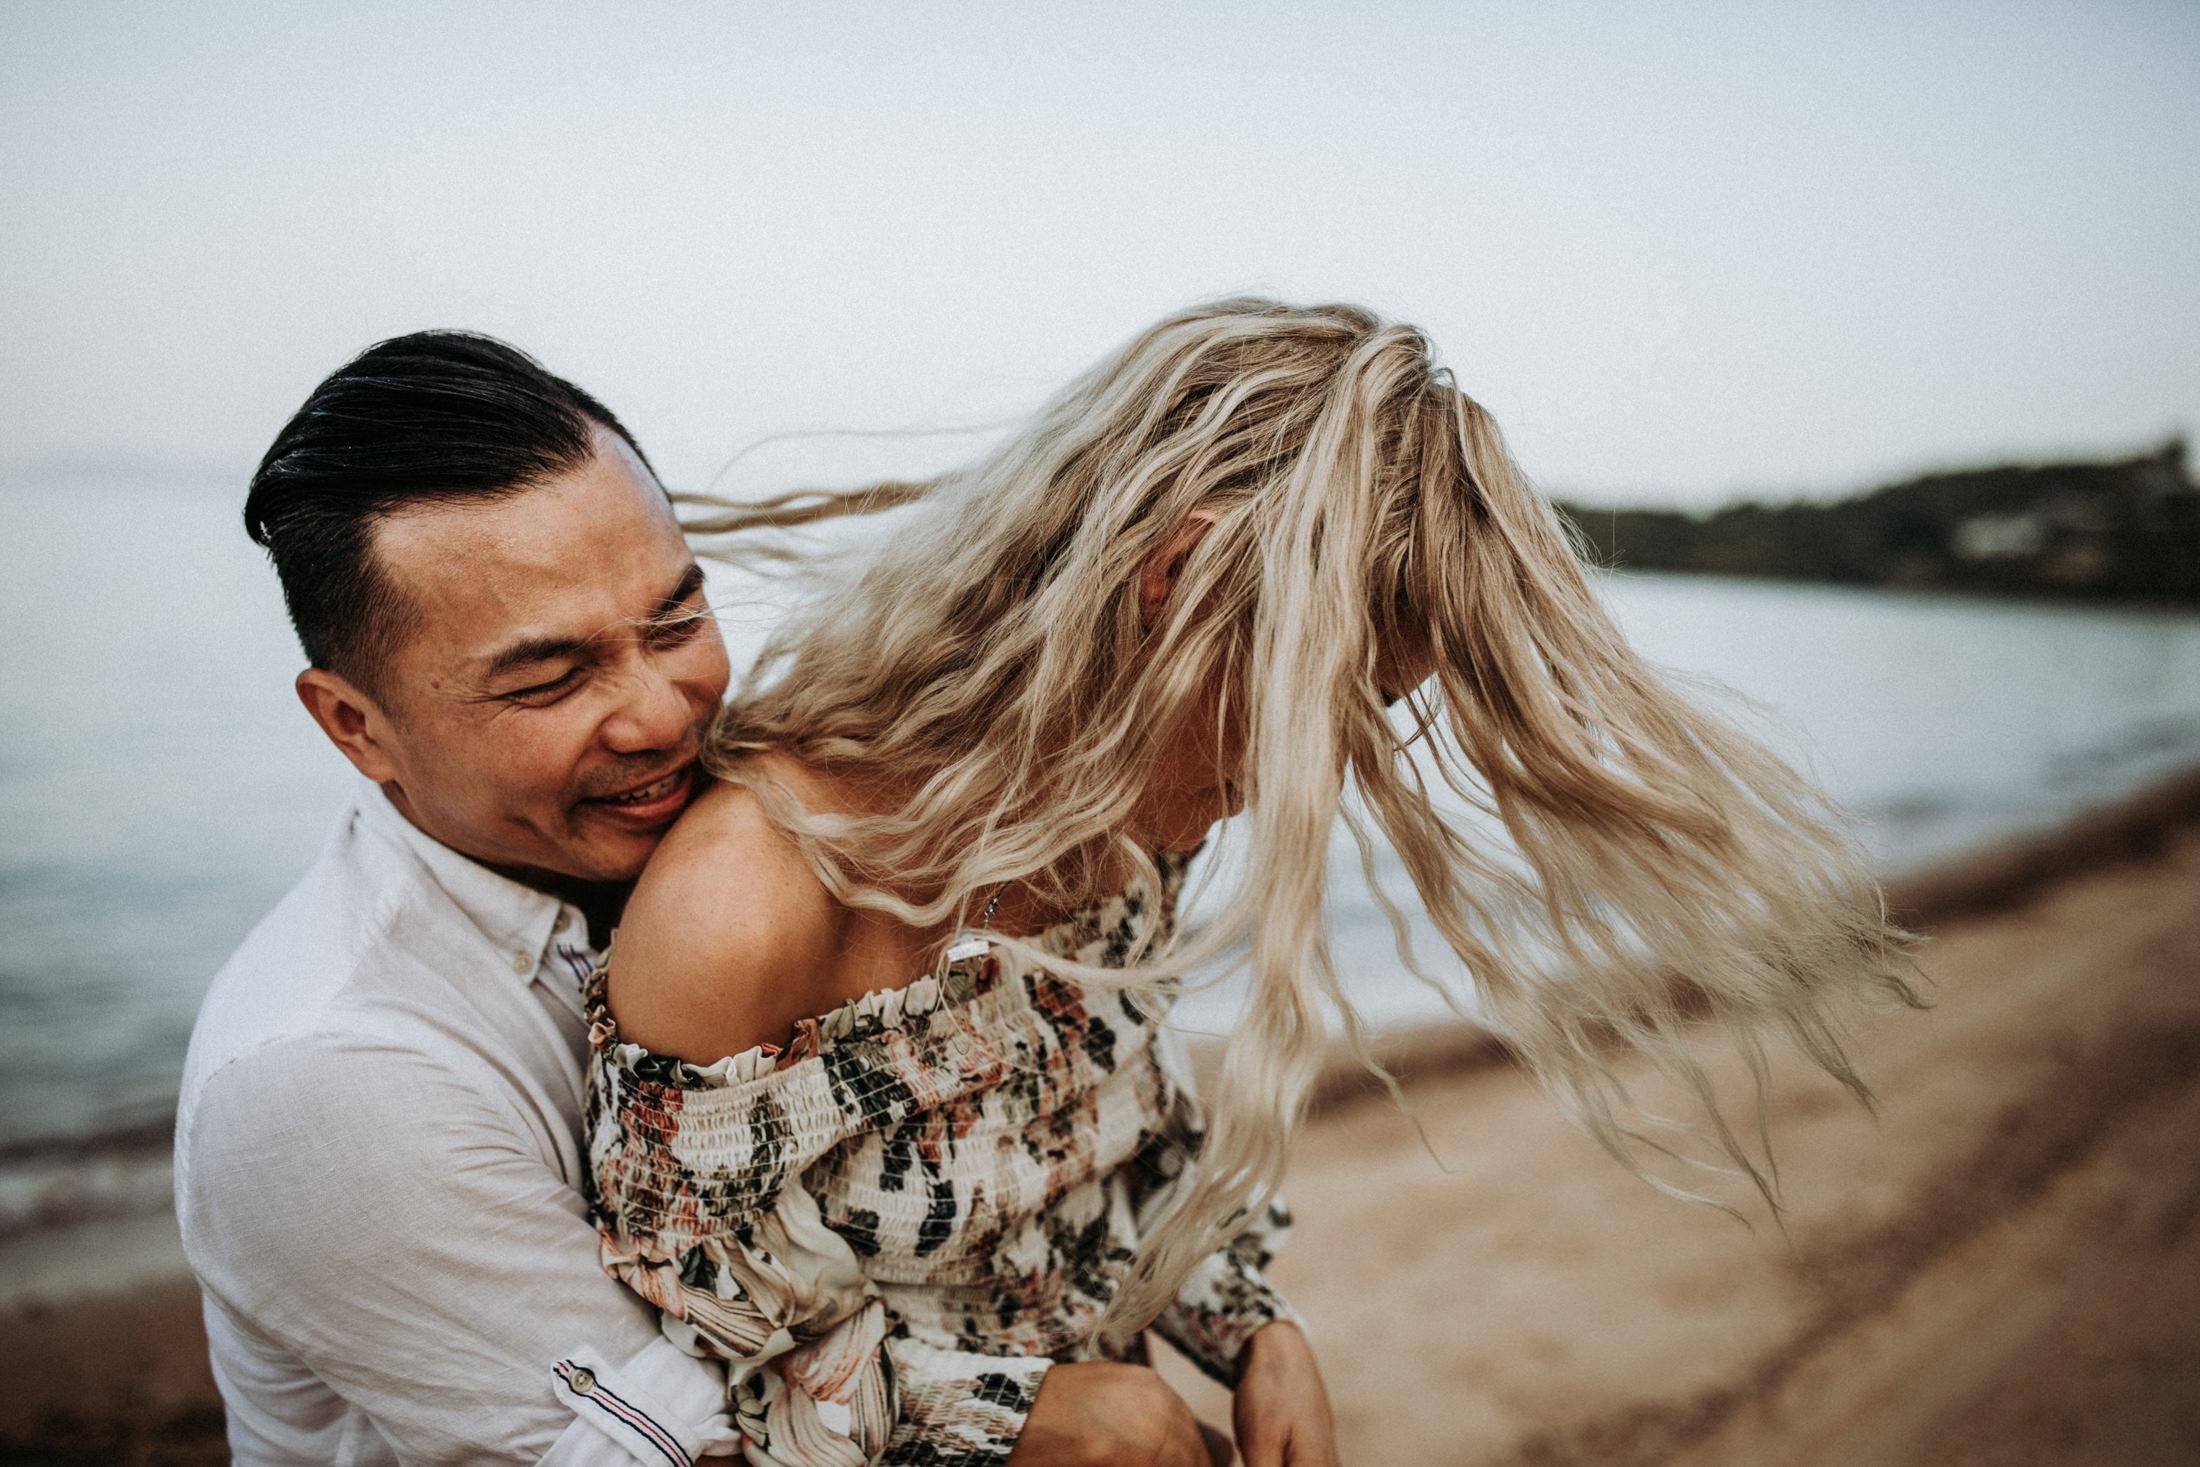 DanielaMarquardt_Wedding_Thailand_10